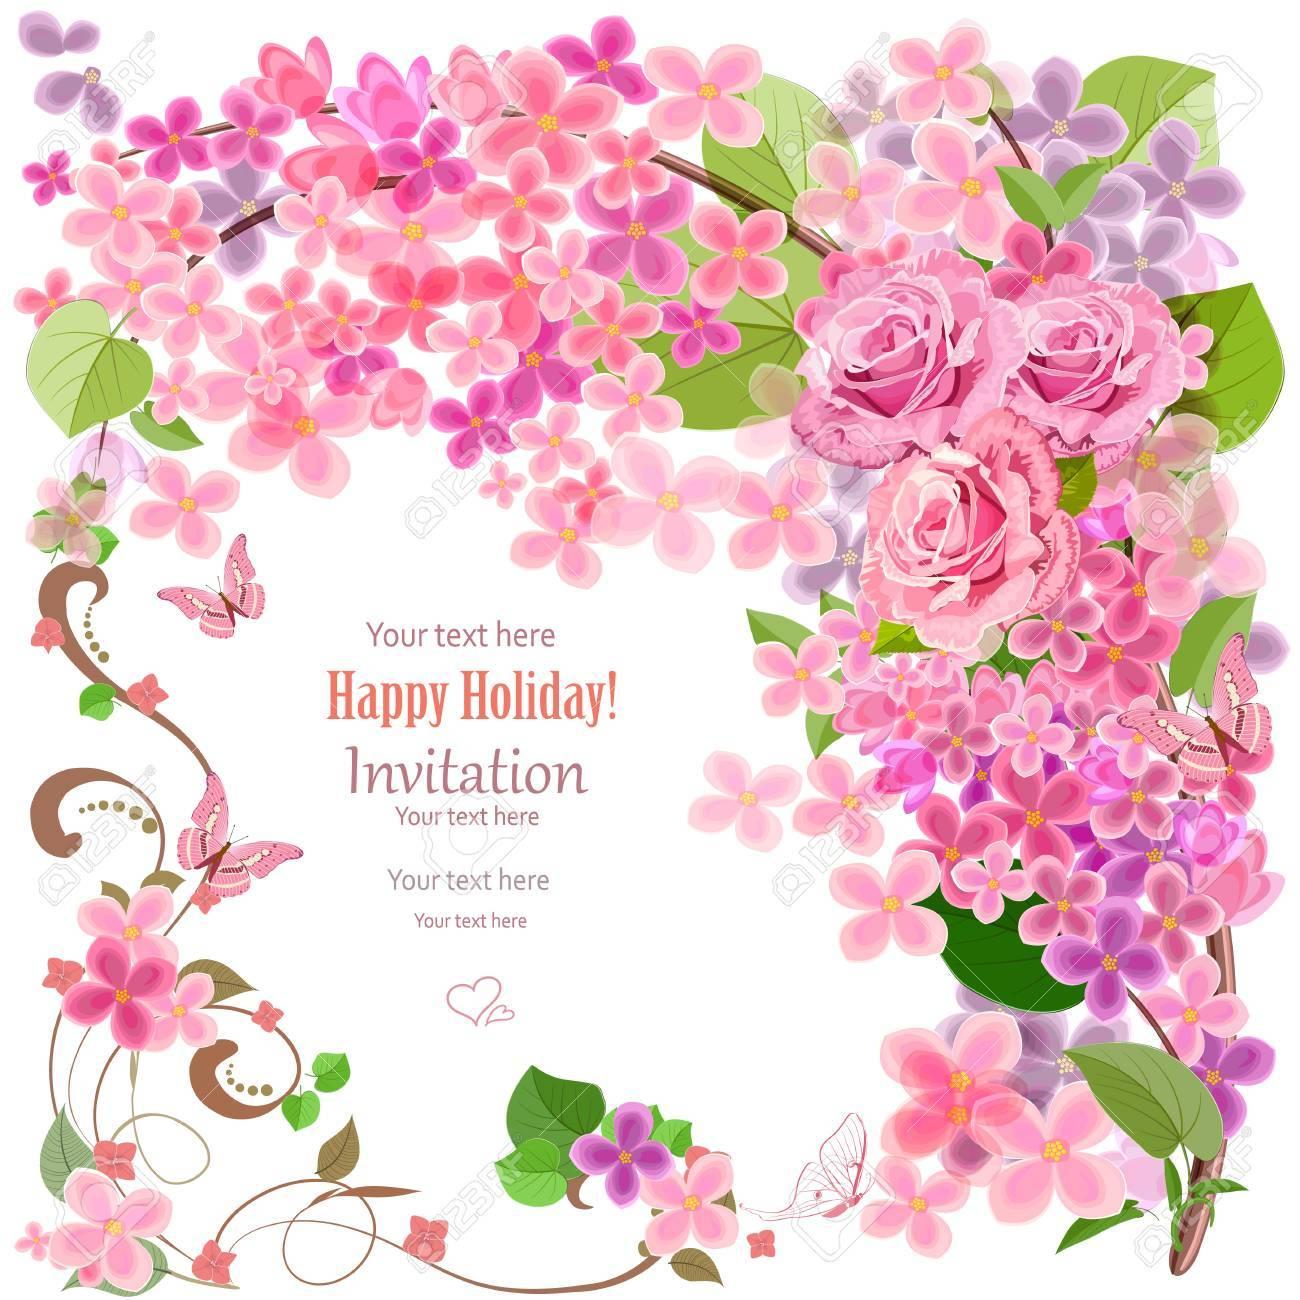 Tarjeta De Invitación Preciosa Con Flores Y Mariposas Para Su Diseño